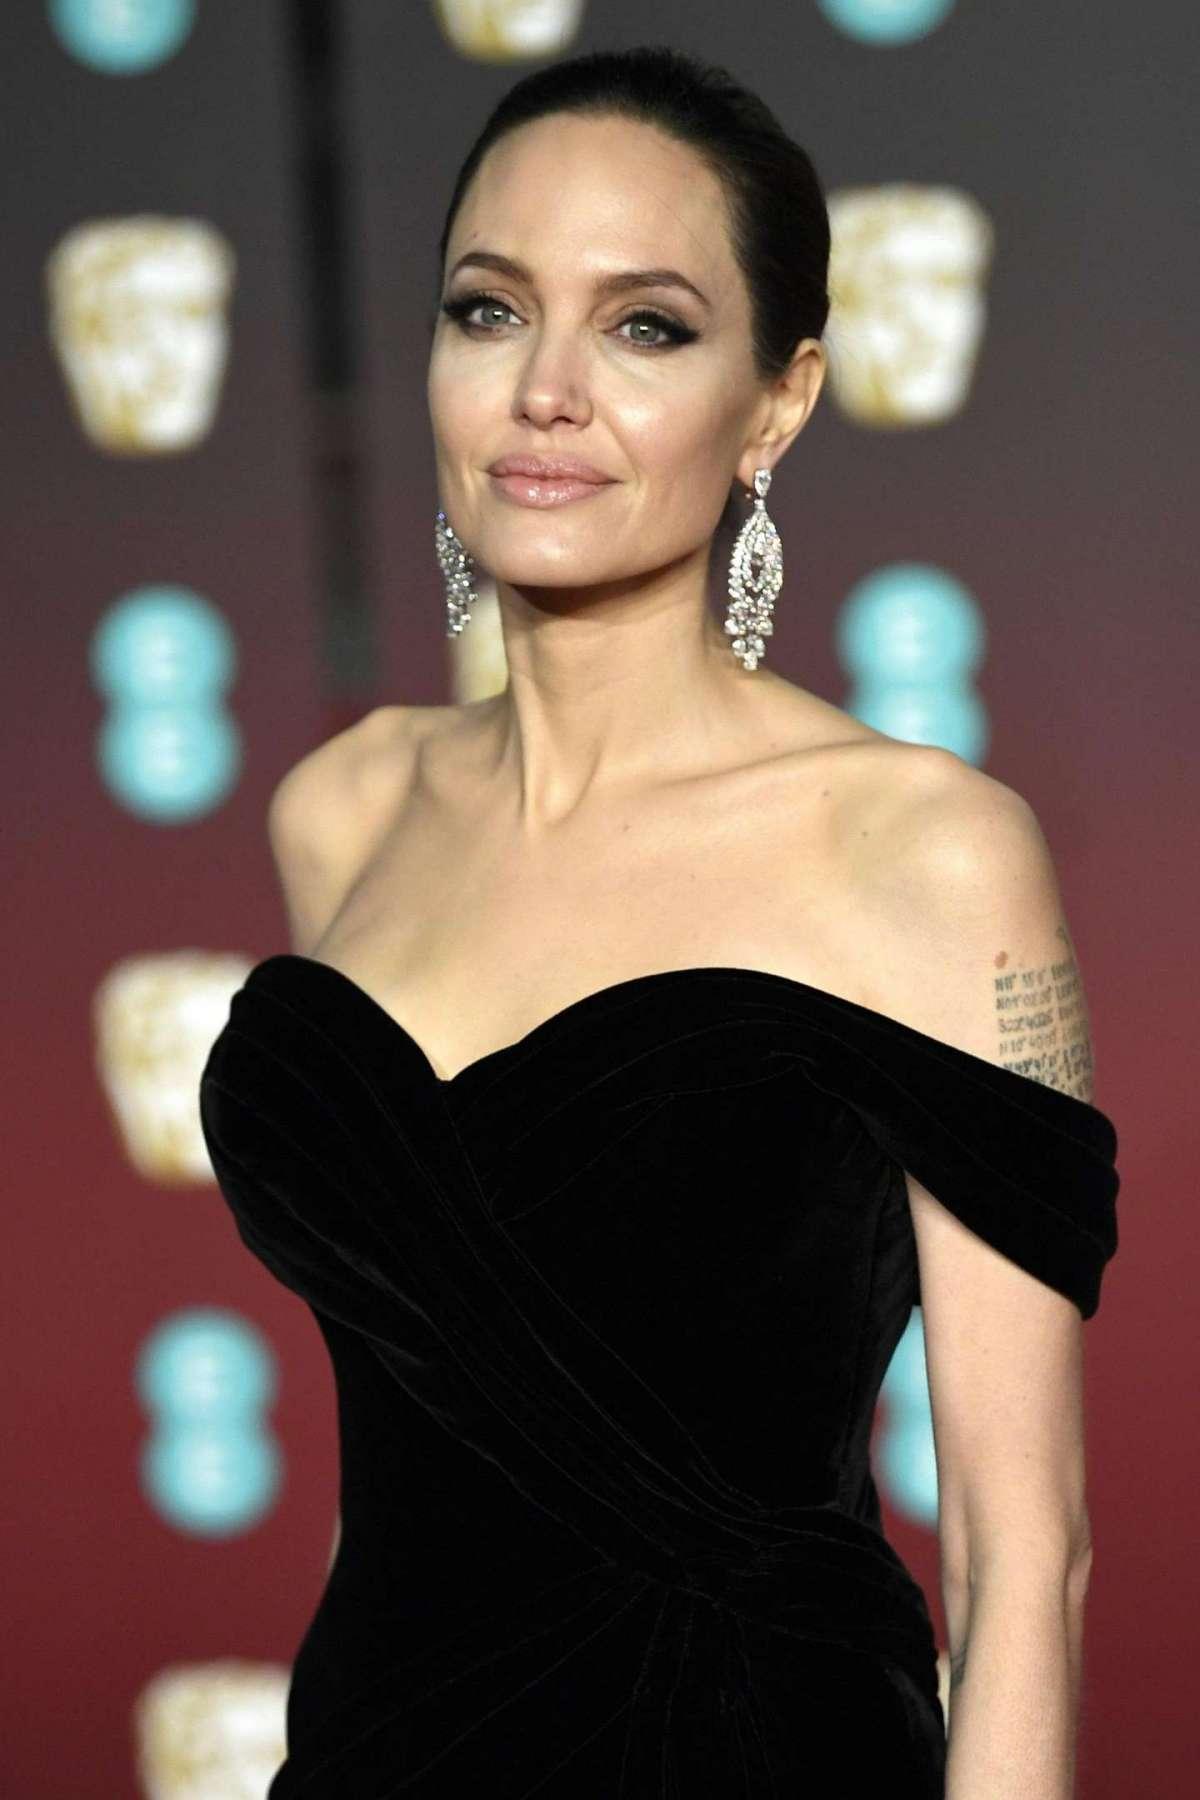 La Jolie con un abito nero